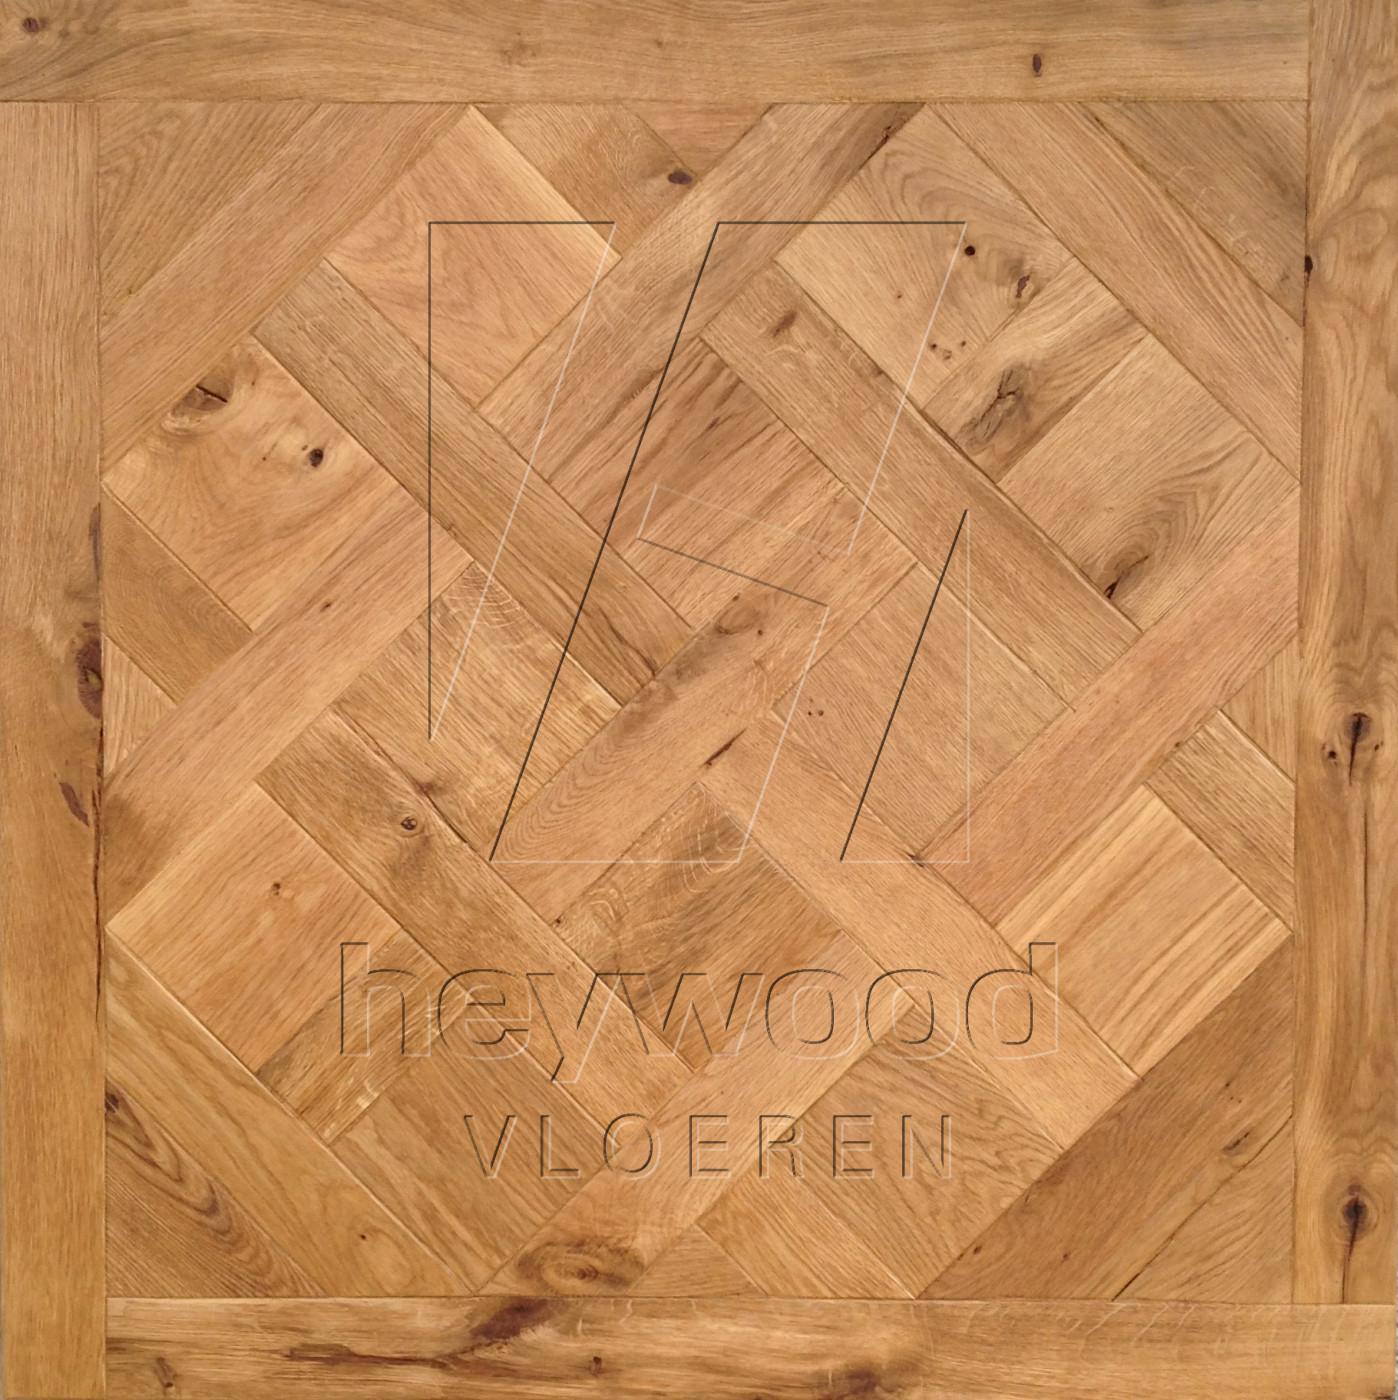 'Piemonte coloured' Antique Versailles 20x1000x1000mm in Floor & Wall Panels of Pattern & Panel Floors